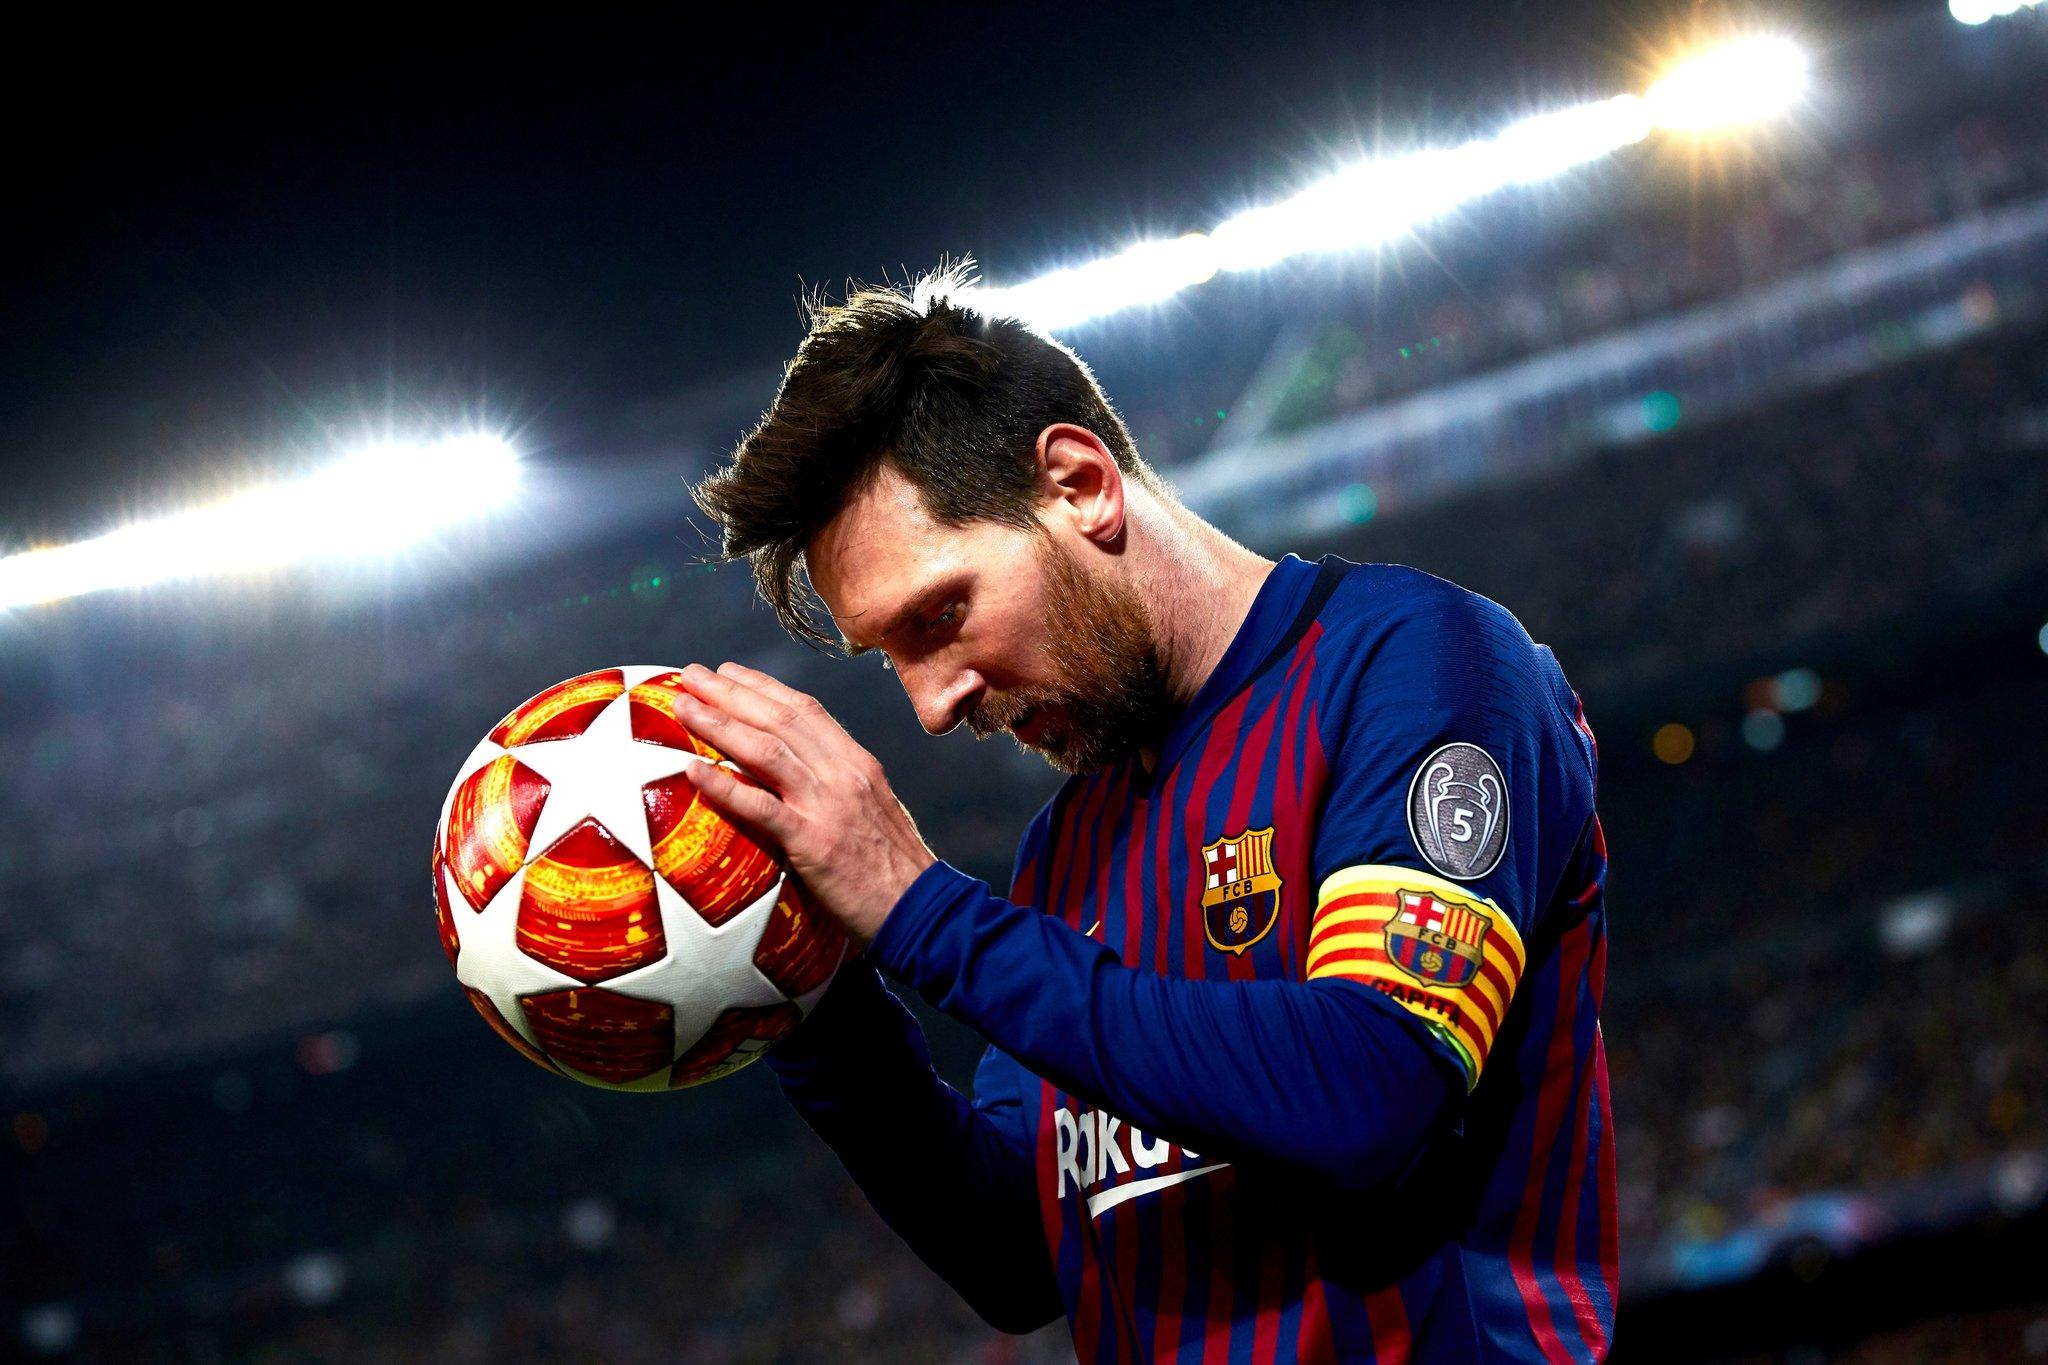 Desporto: Messi deixa Barcelona